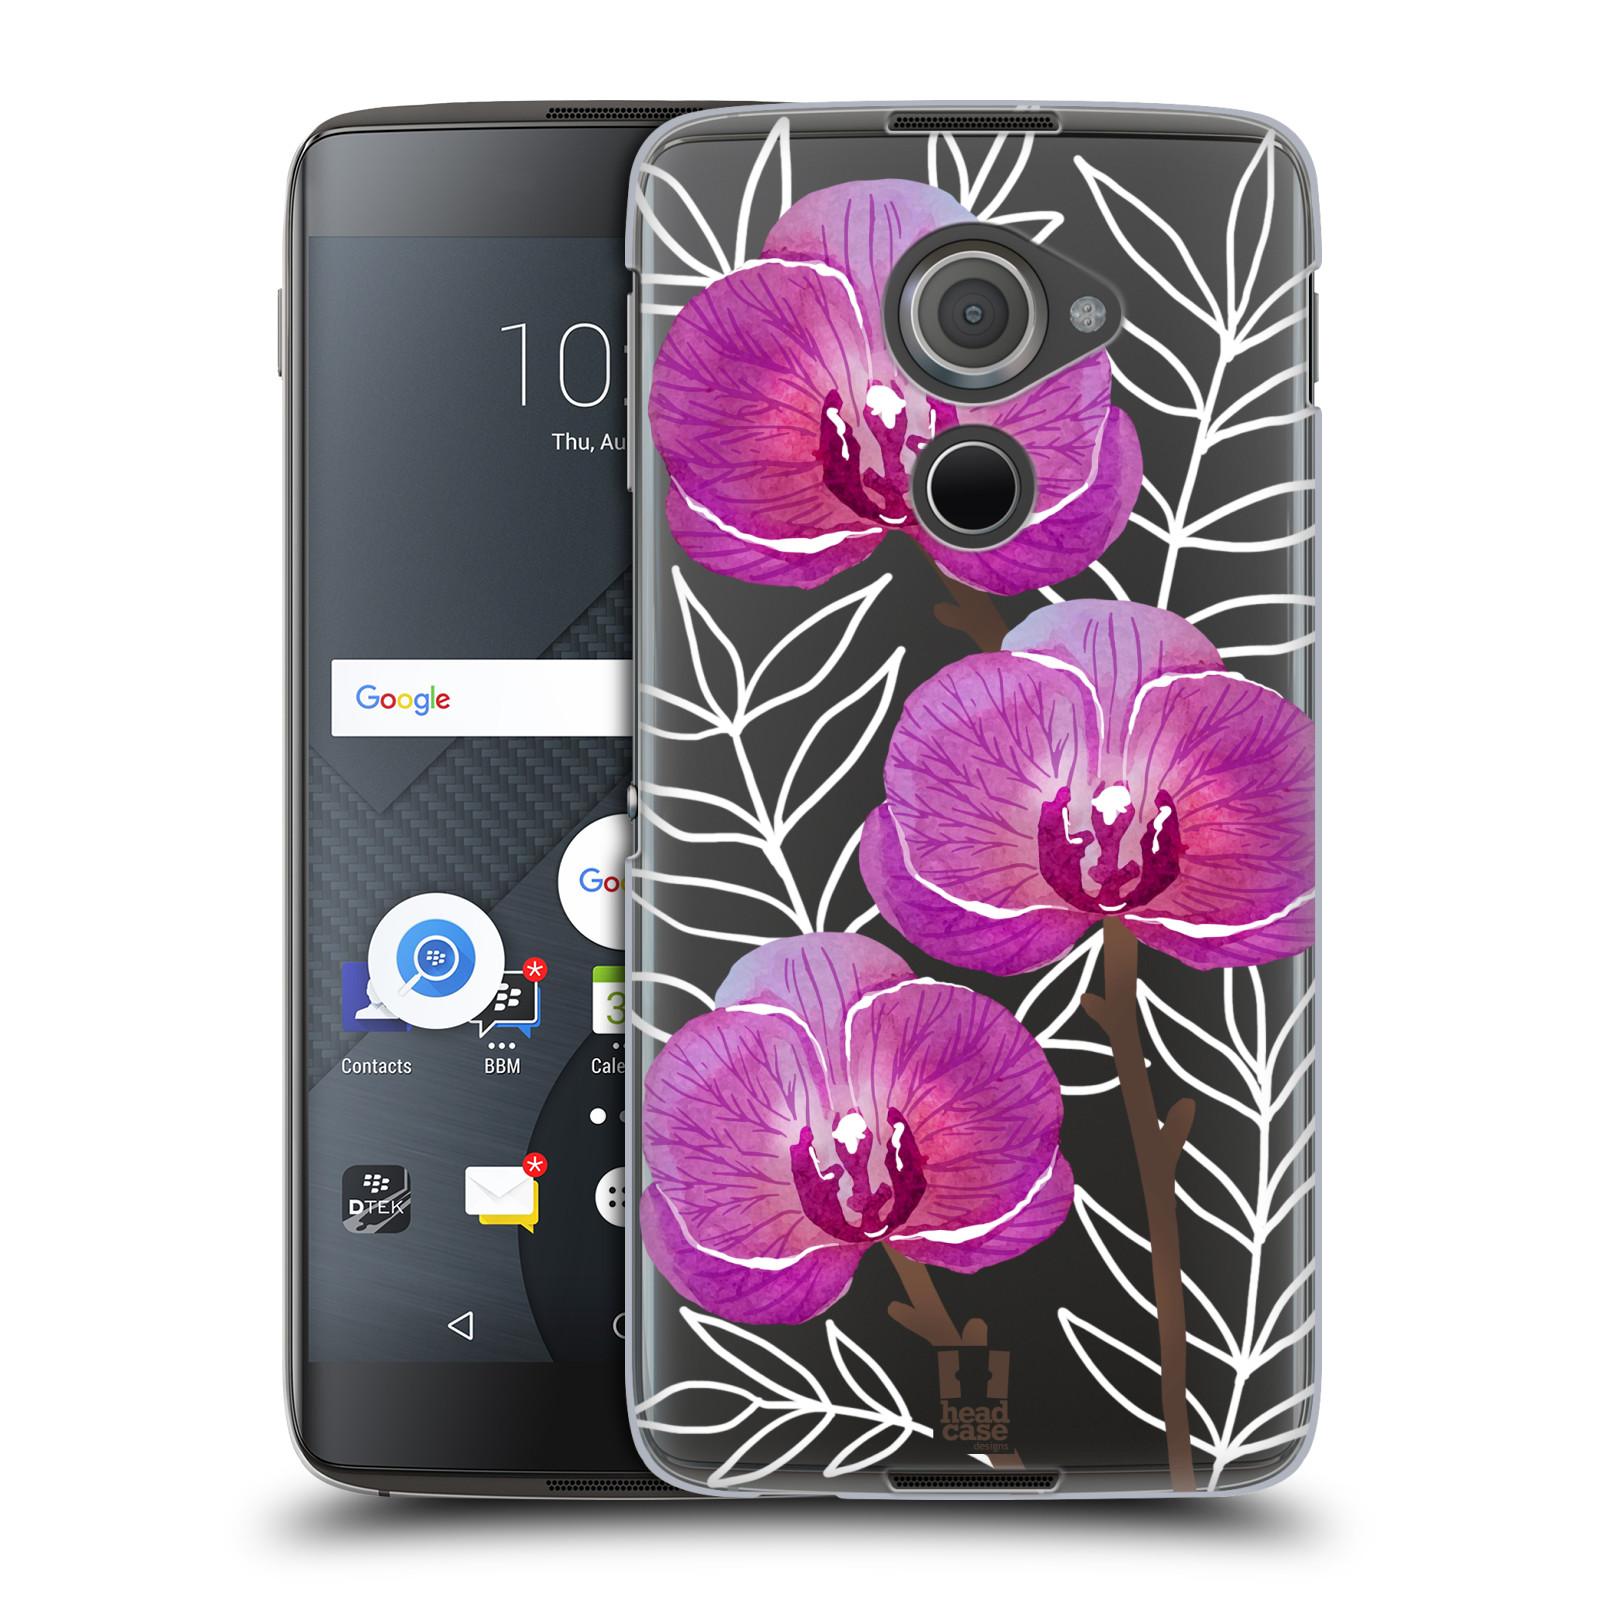 Plastové pouzdro na mobil Blackberry DTEK60 (Argon) - Head Case - Hezoučké kvítky - průhledné